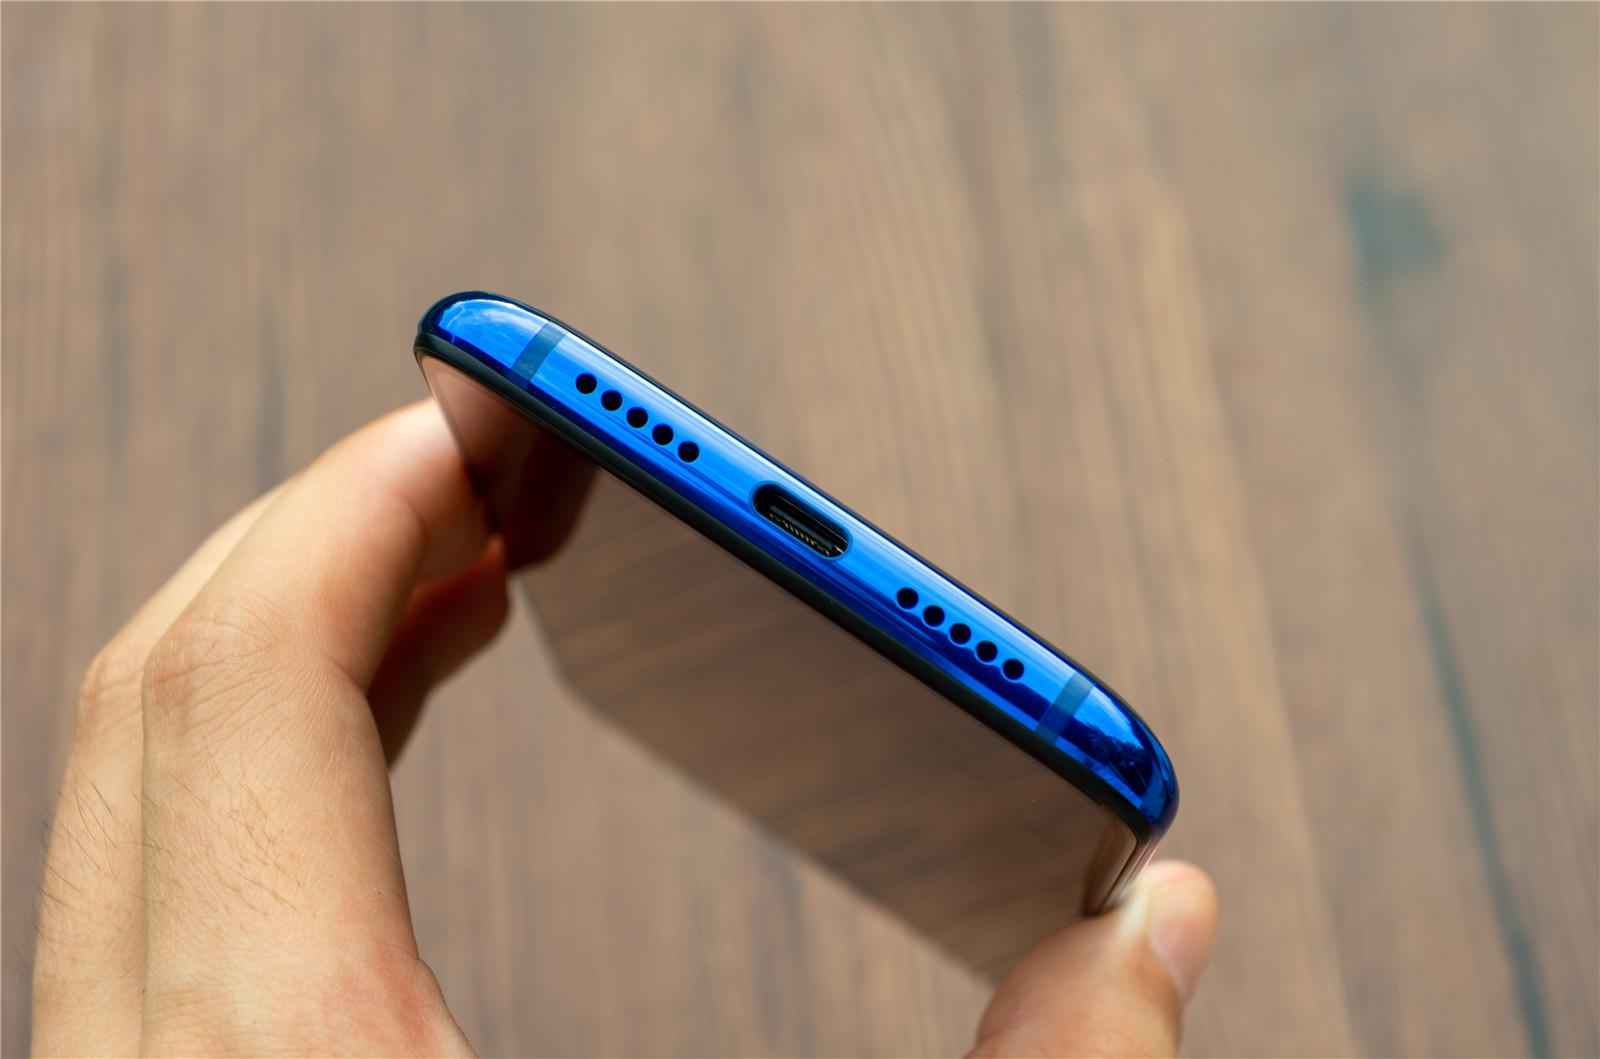 小米CC9开箱图赏:可能是最漂亮的小米手机